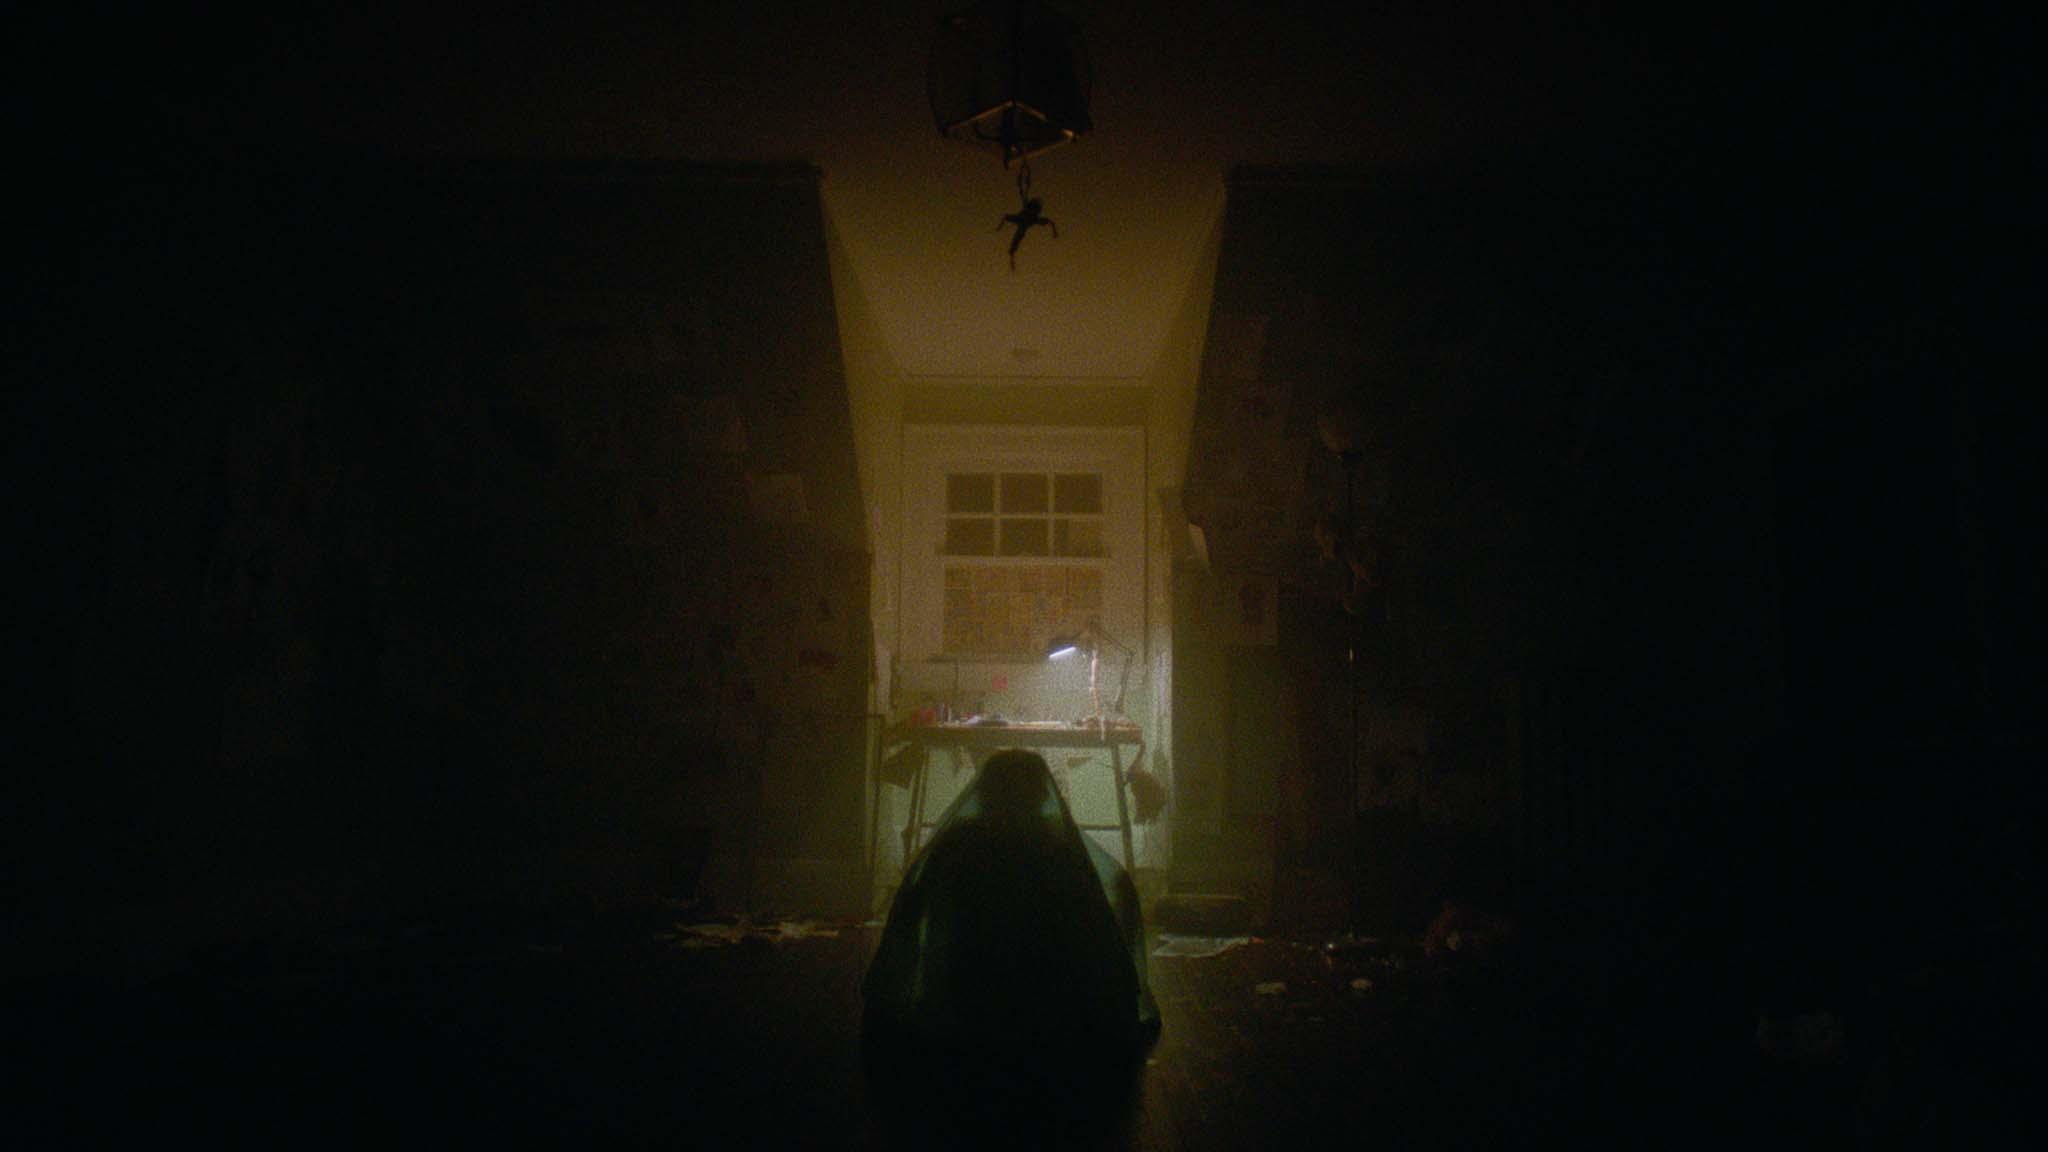 BOO! - Brooklyn Horror Film Festival